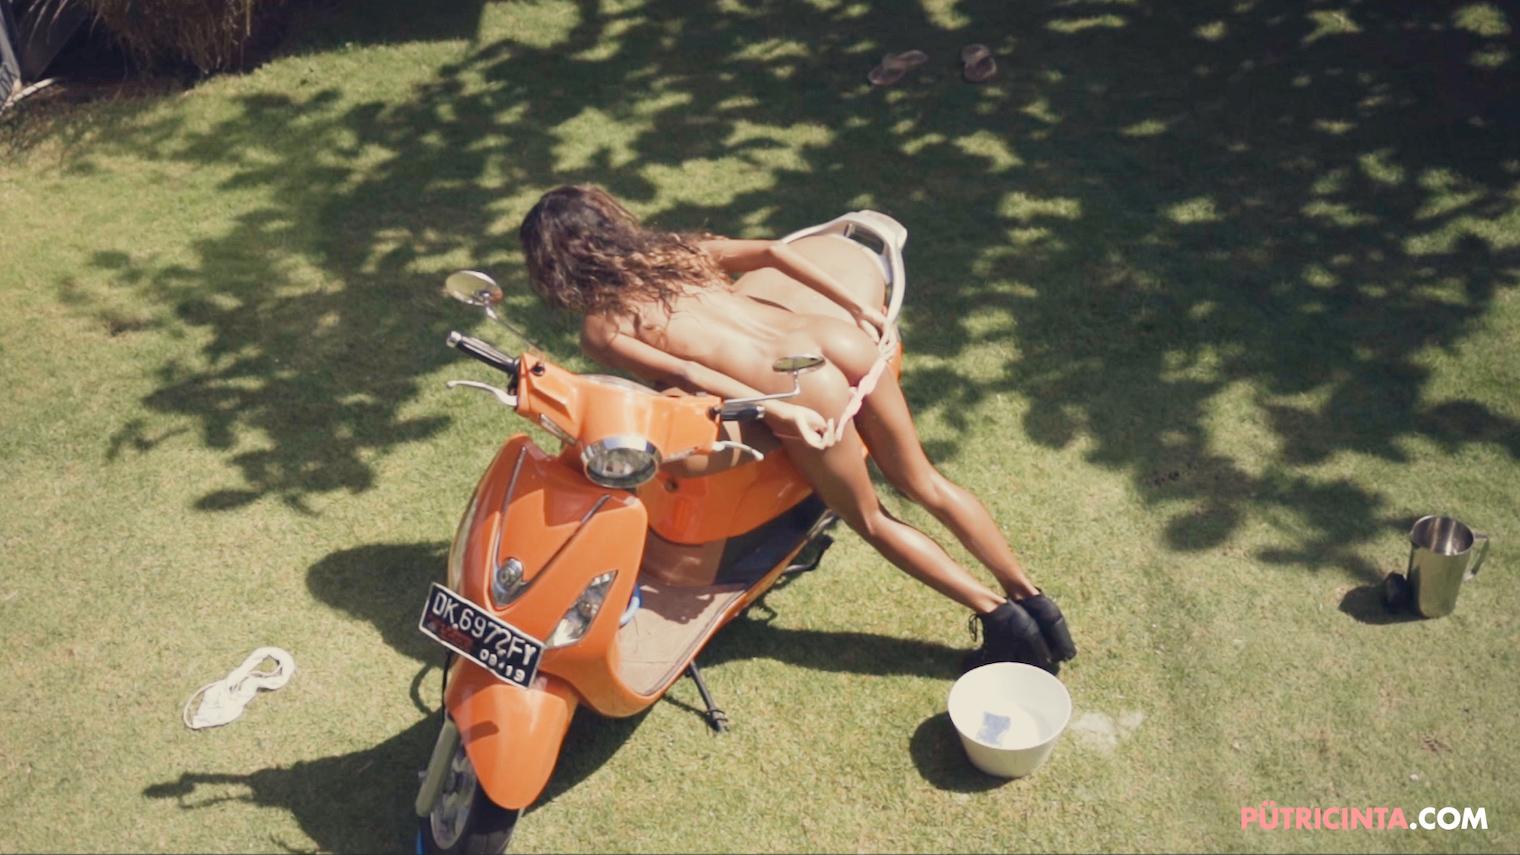 025-BikeWash-Putri-Cinta-Teaser-Stills-37.jpg